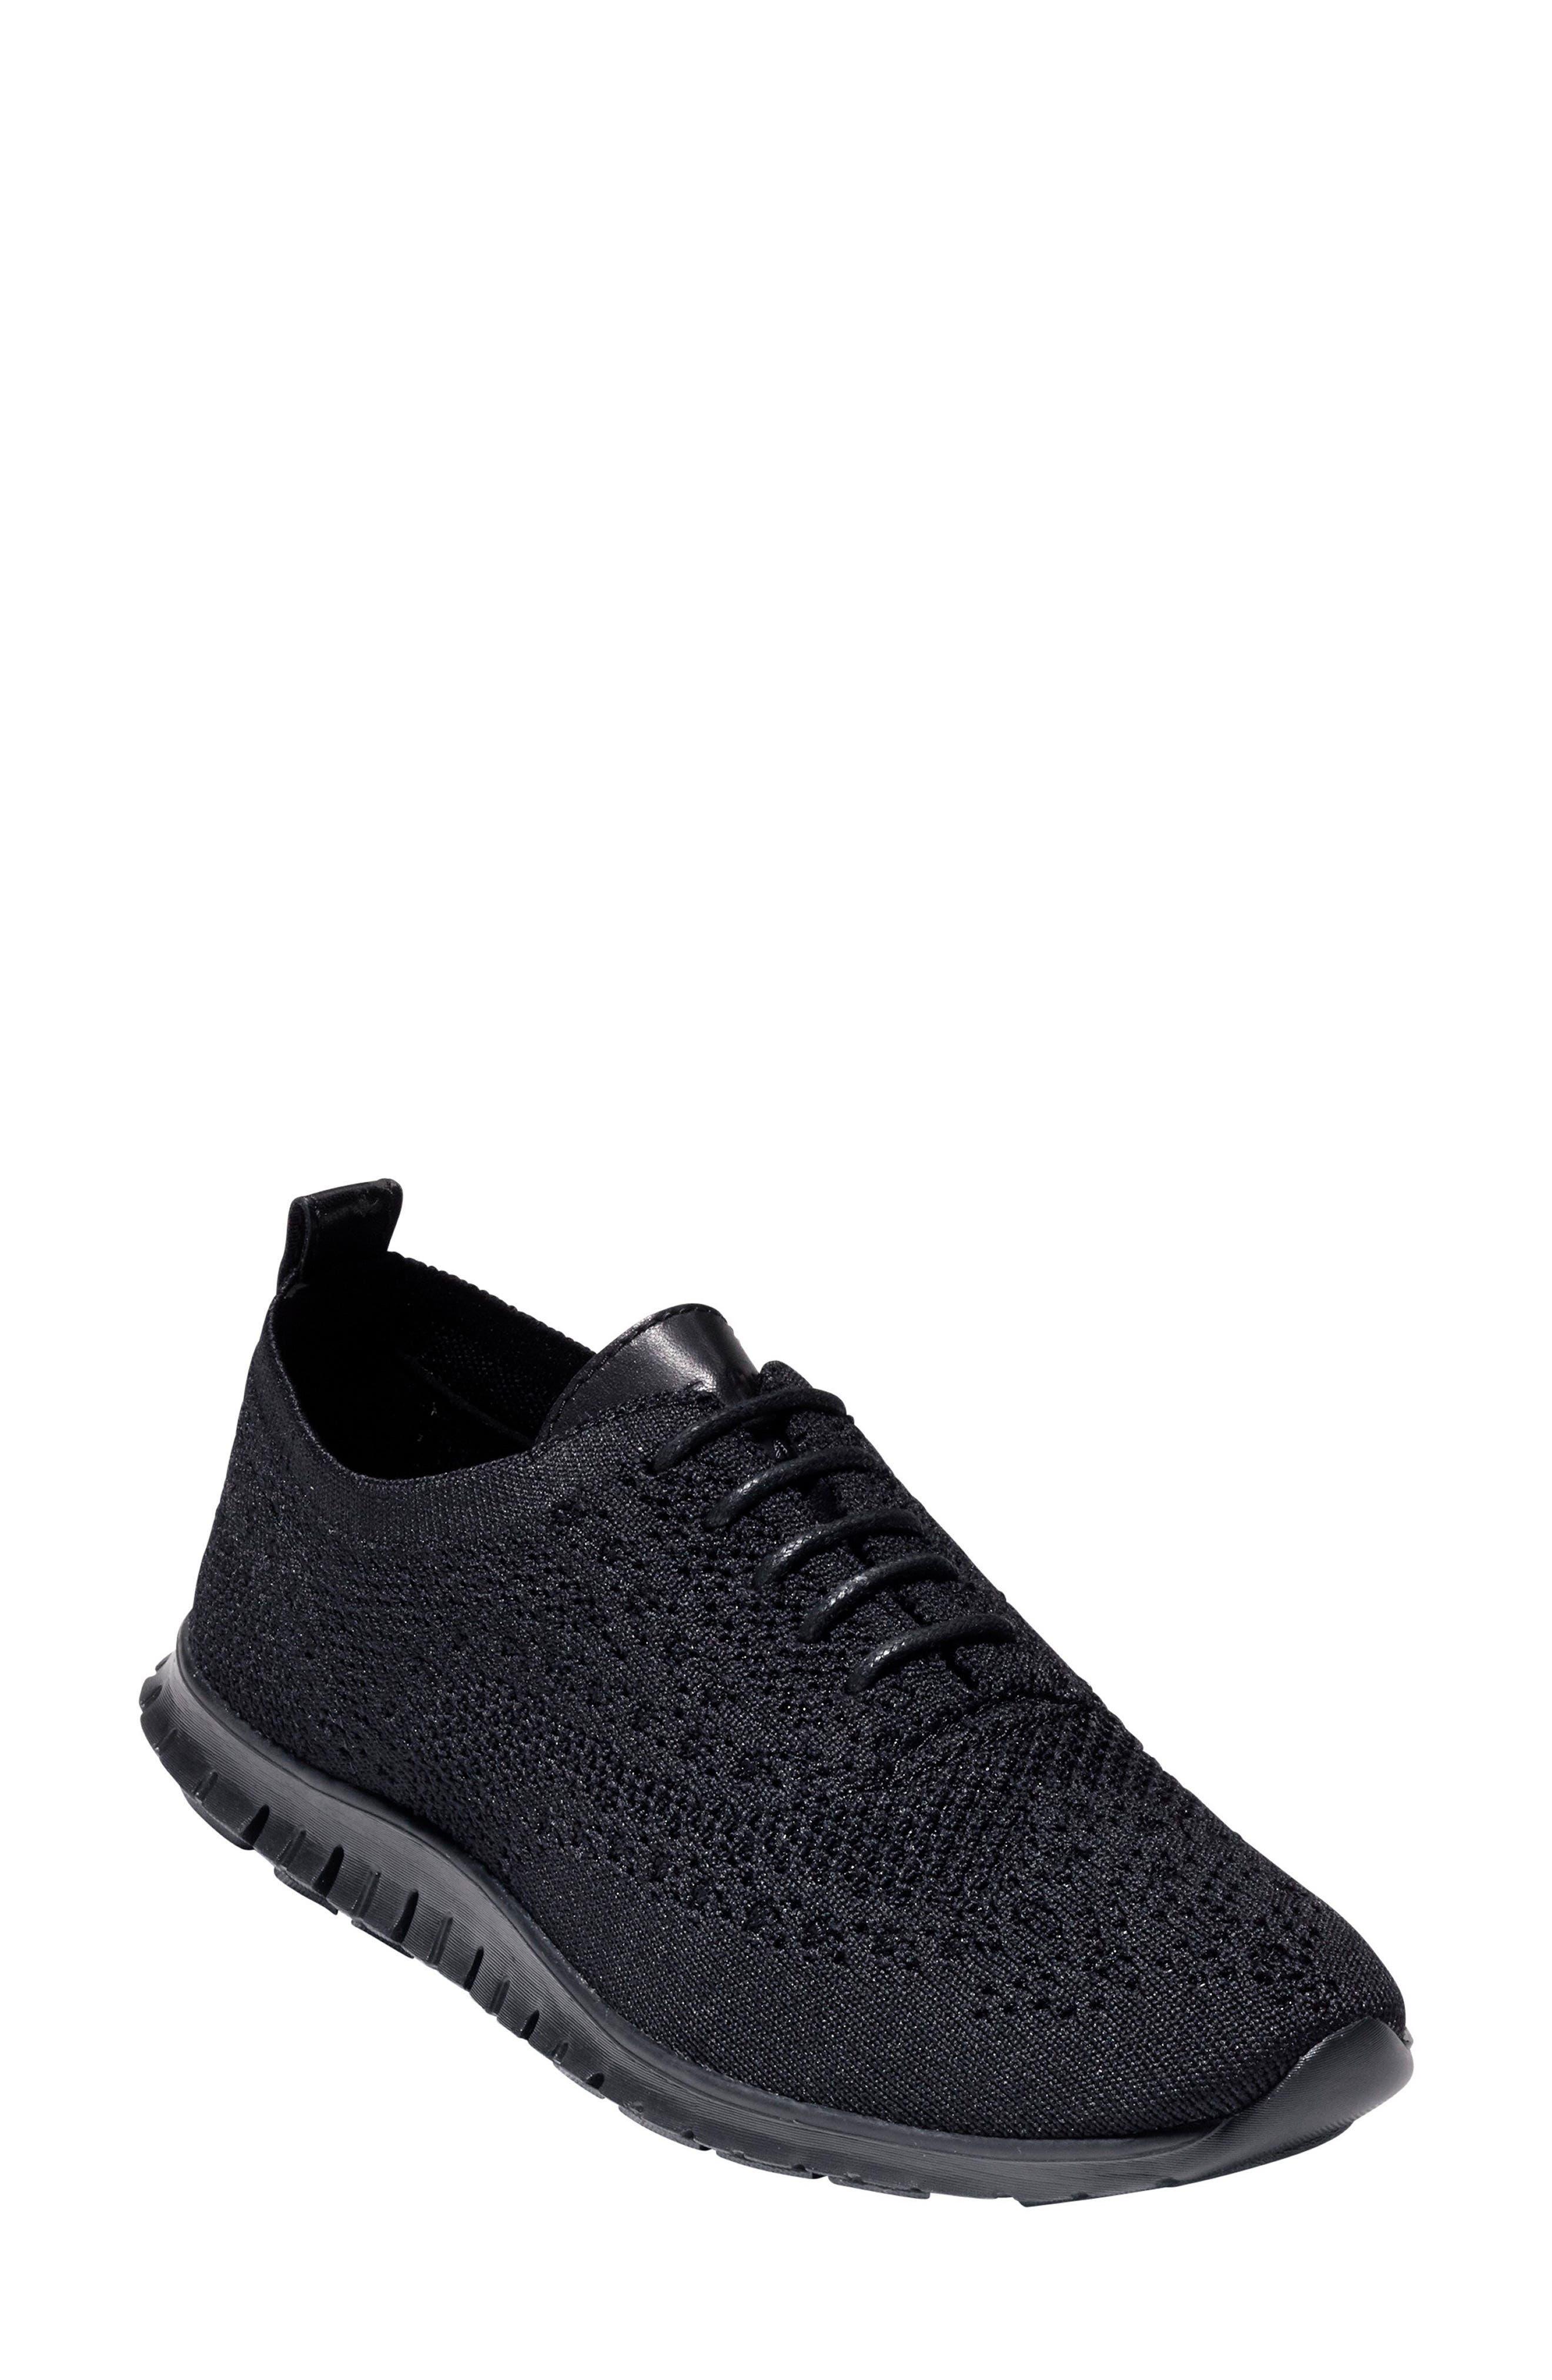 ZERØGRAND Wingtip Sneaker,                         Main,                         color, 001